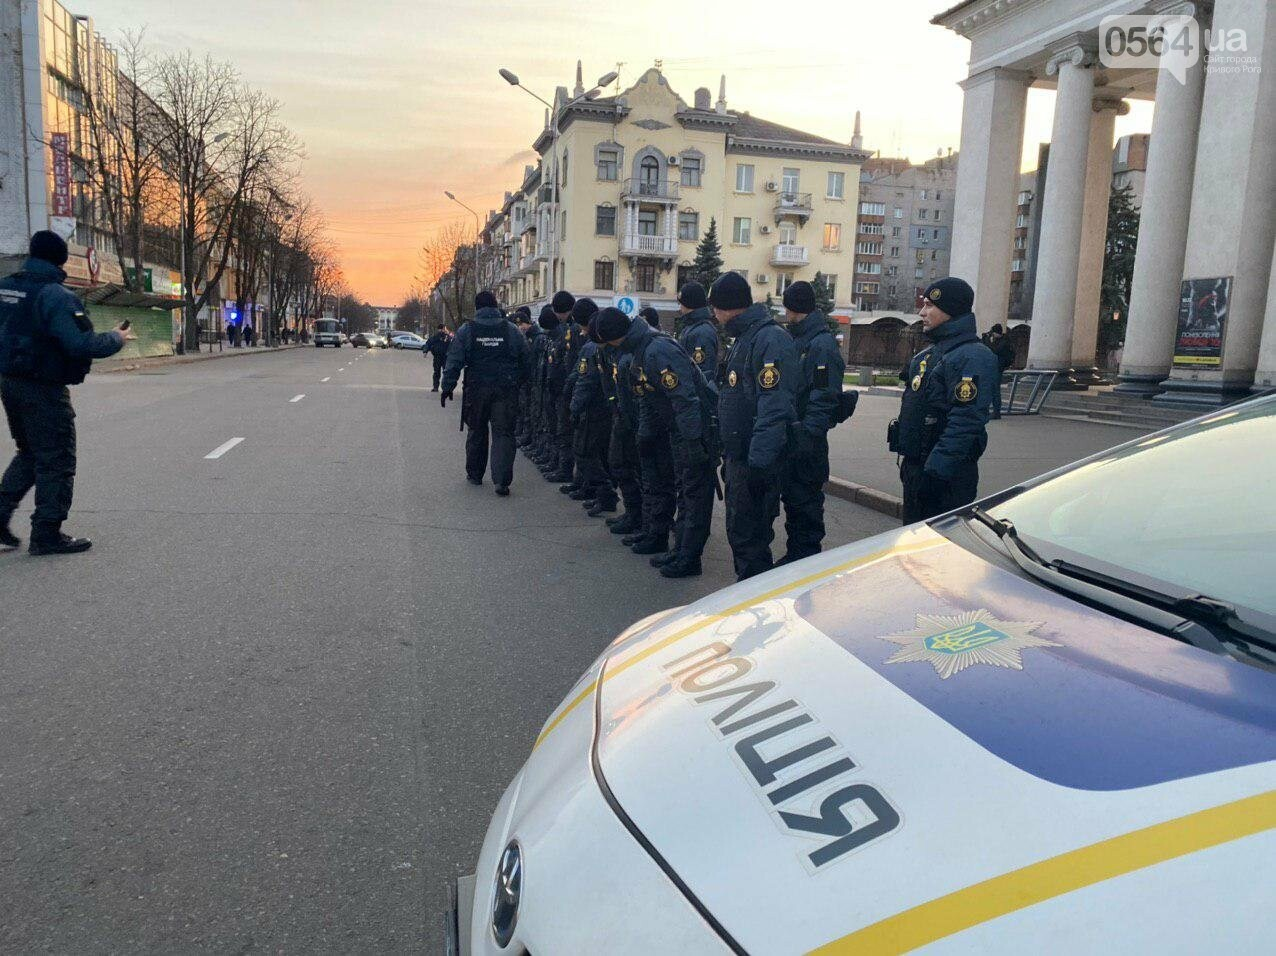 """""""Криворожане будут чувствовать себя в большей безопасности"""": в Центрально-Городском районе начались патрулирования, - ФОТО, ВИДЕО , фото-21"""